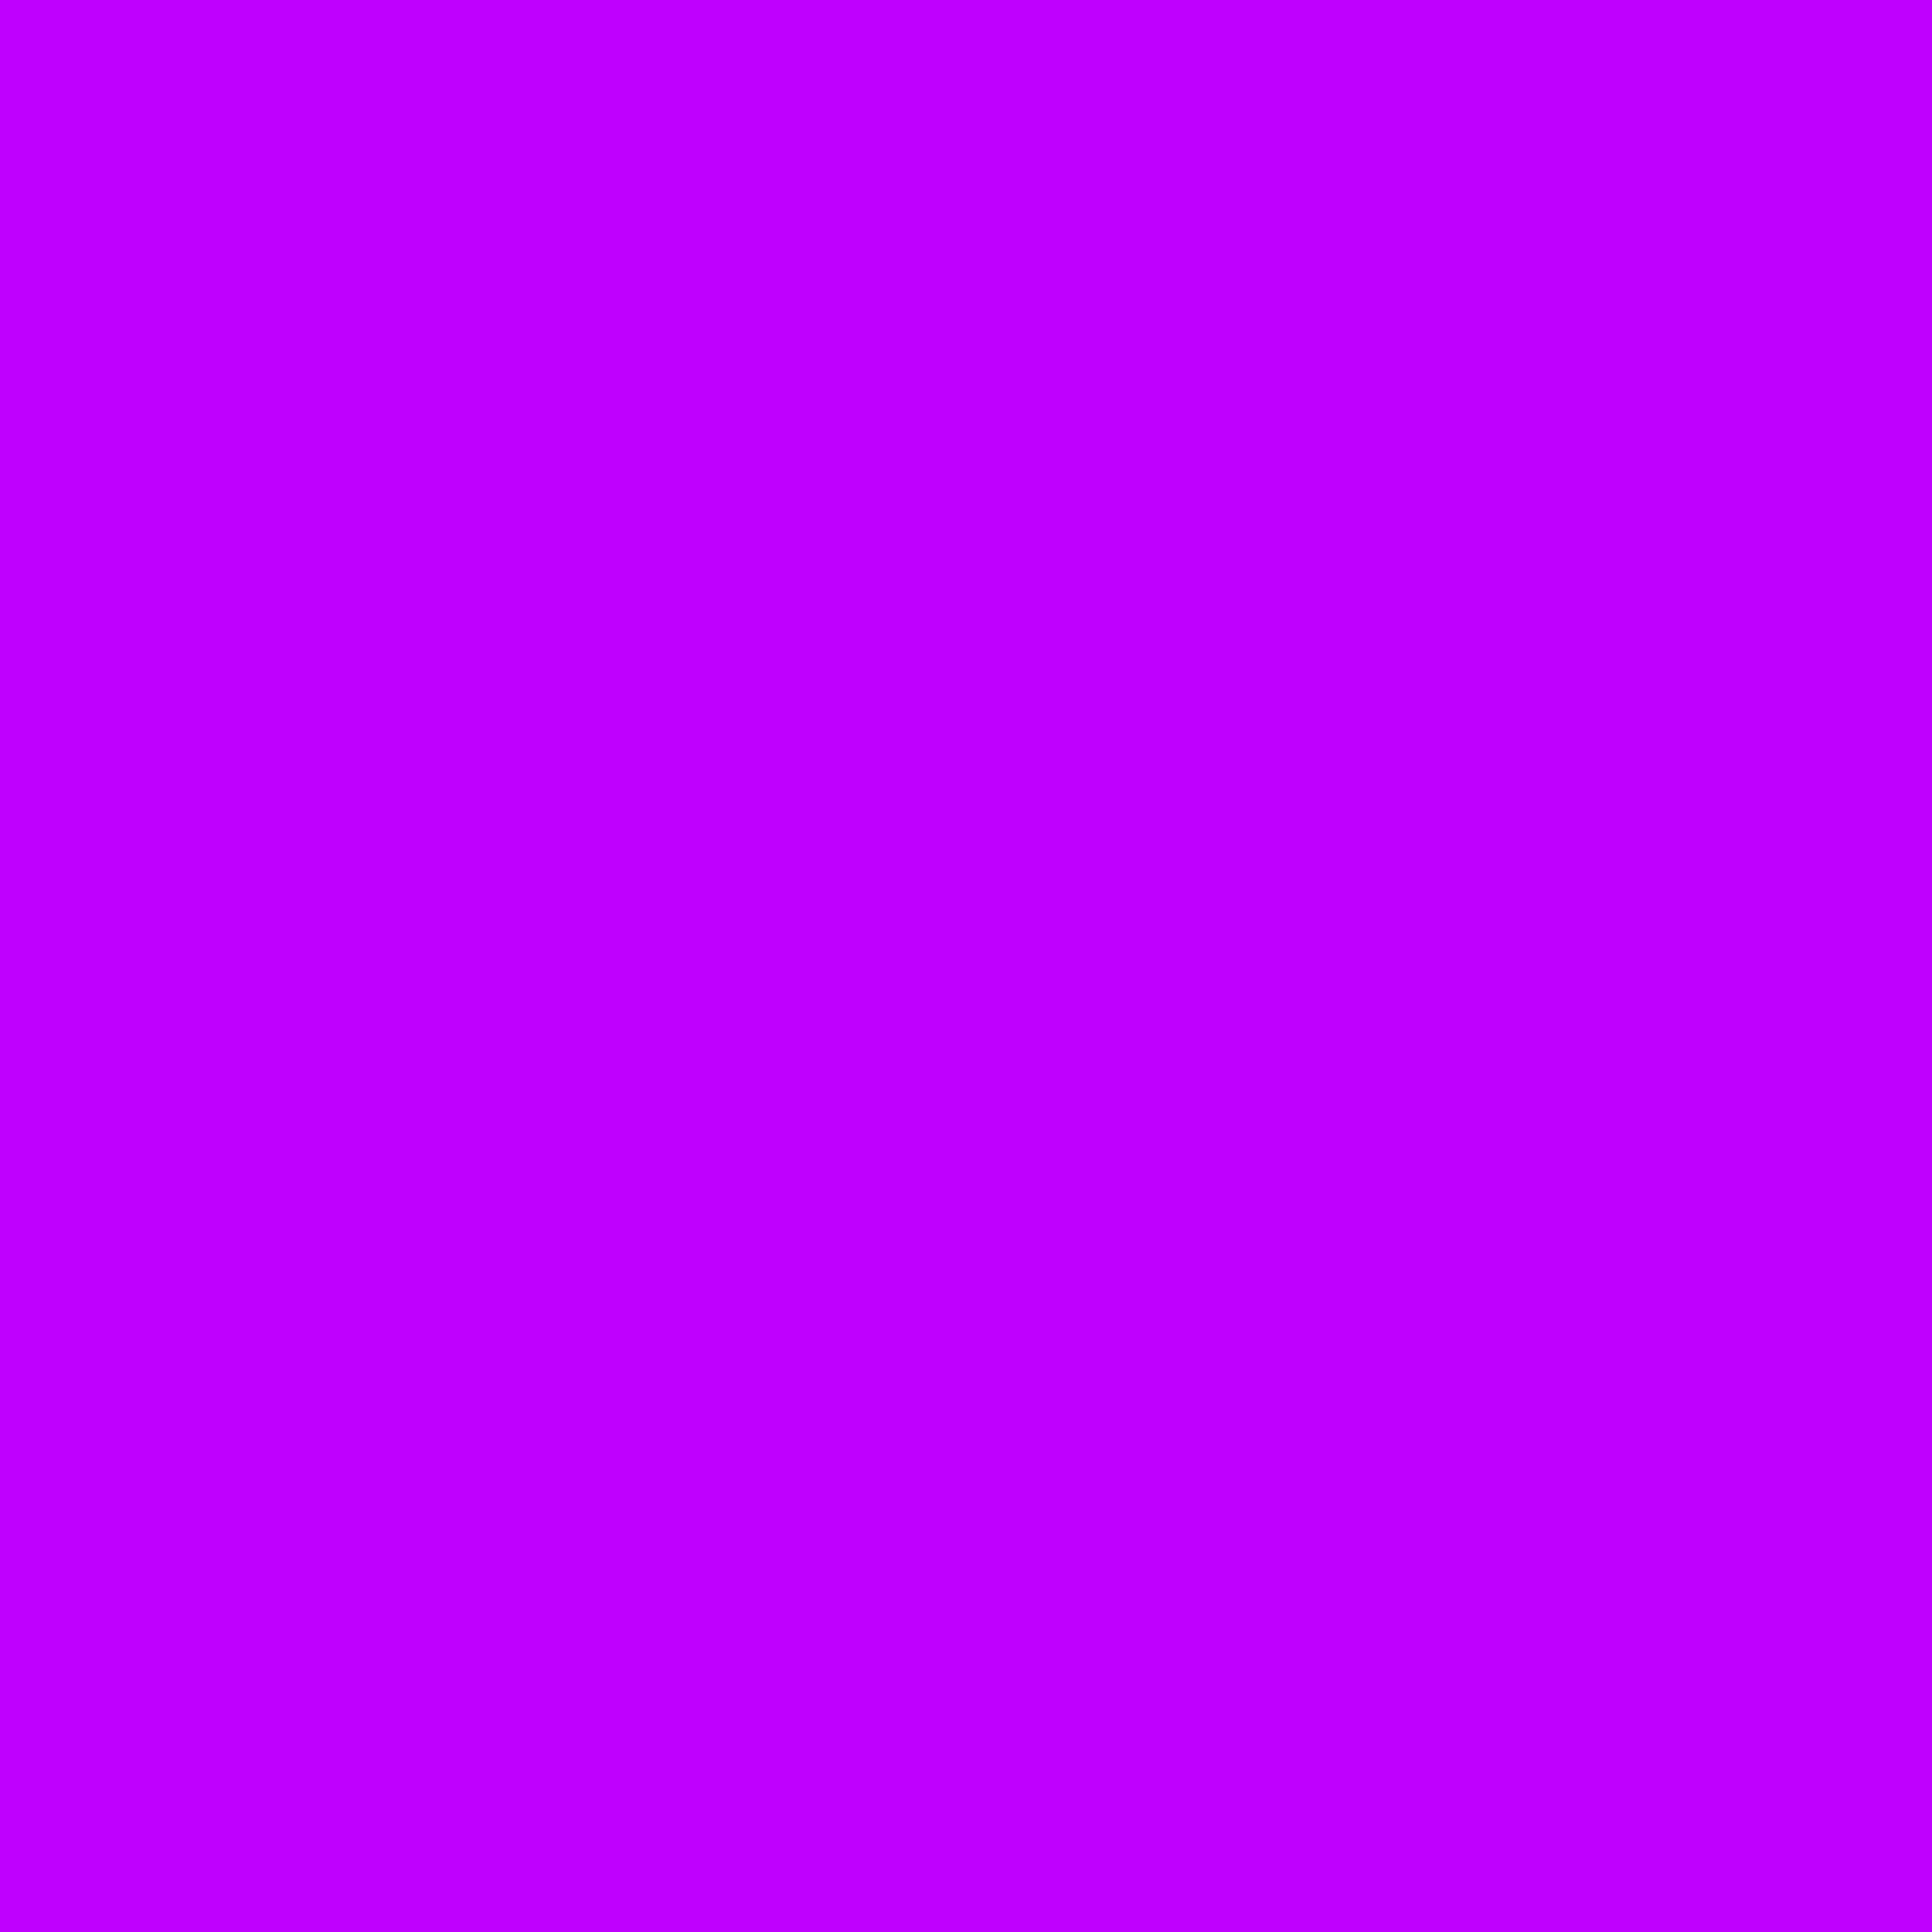 Square clipart purple Color Violet Free Color Violet